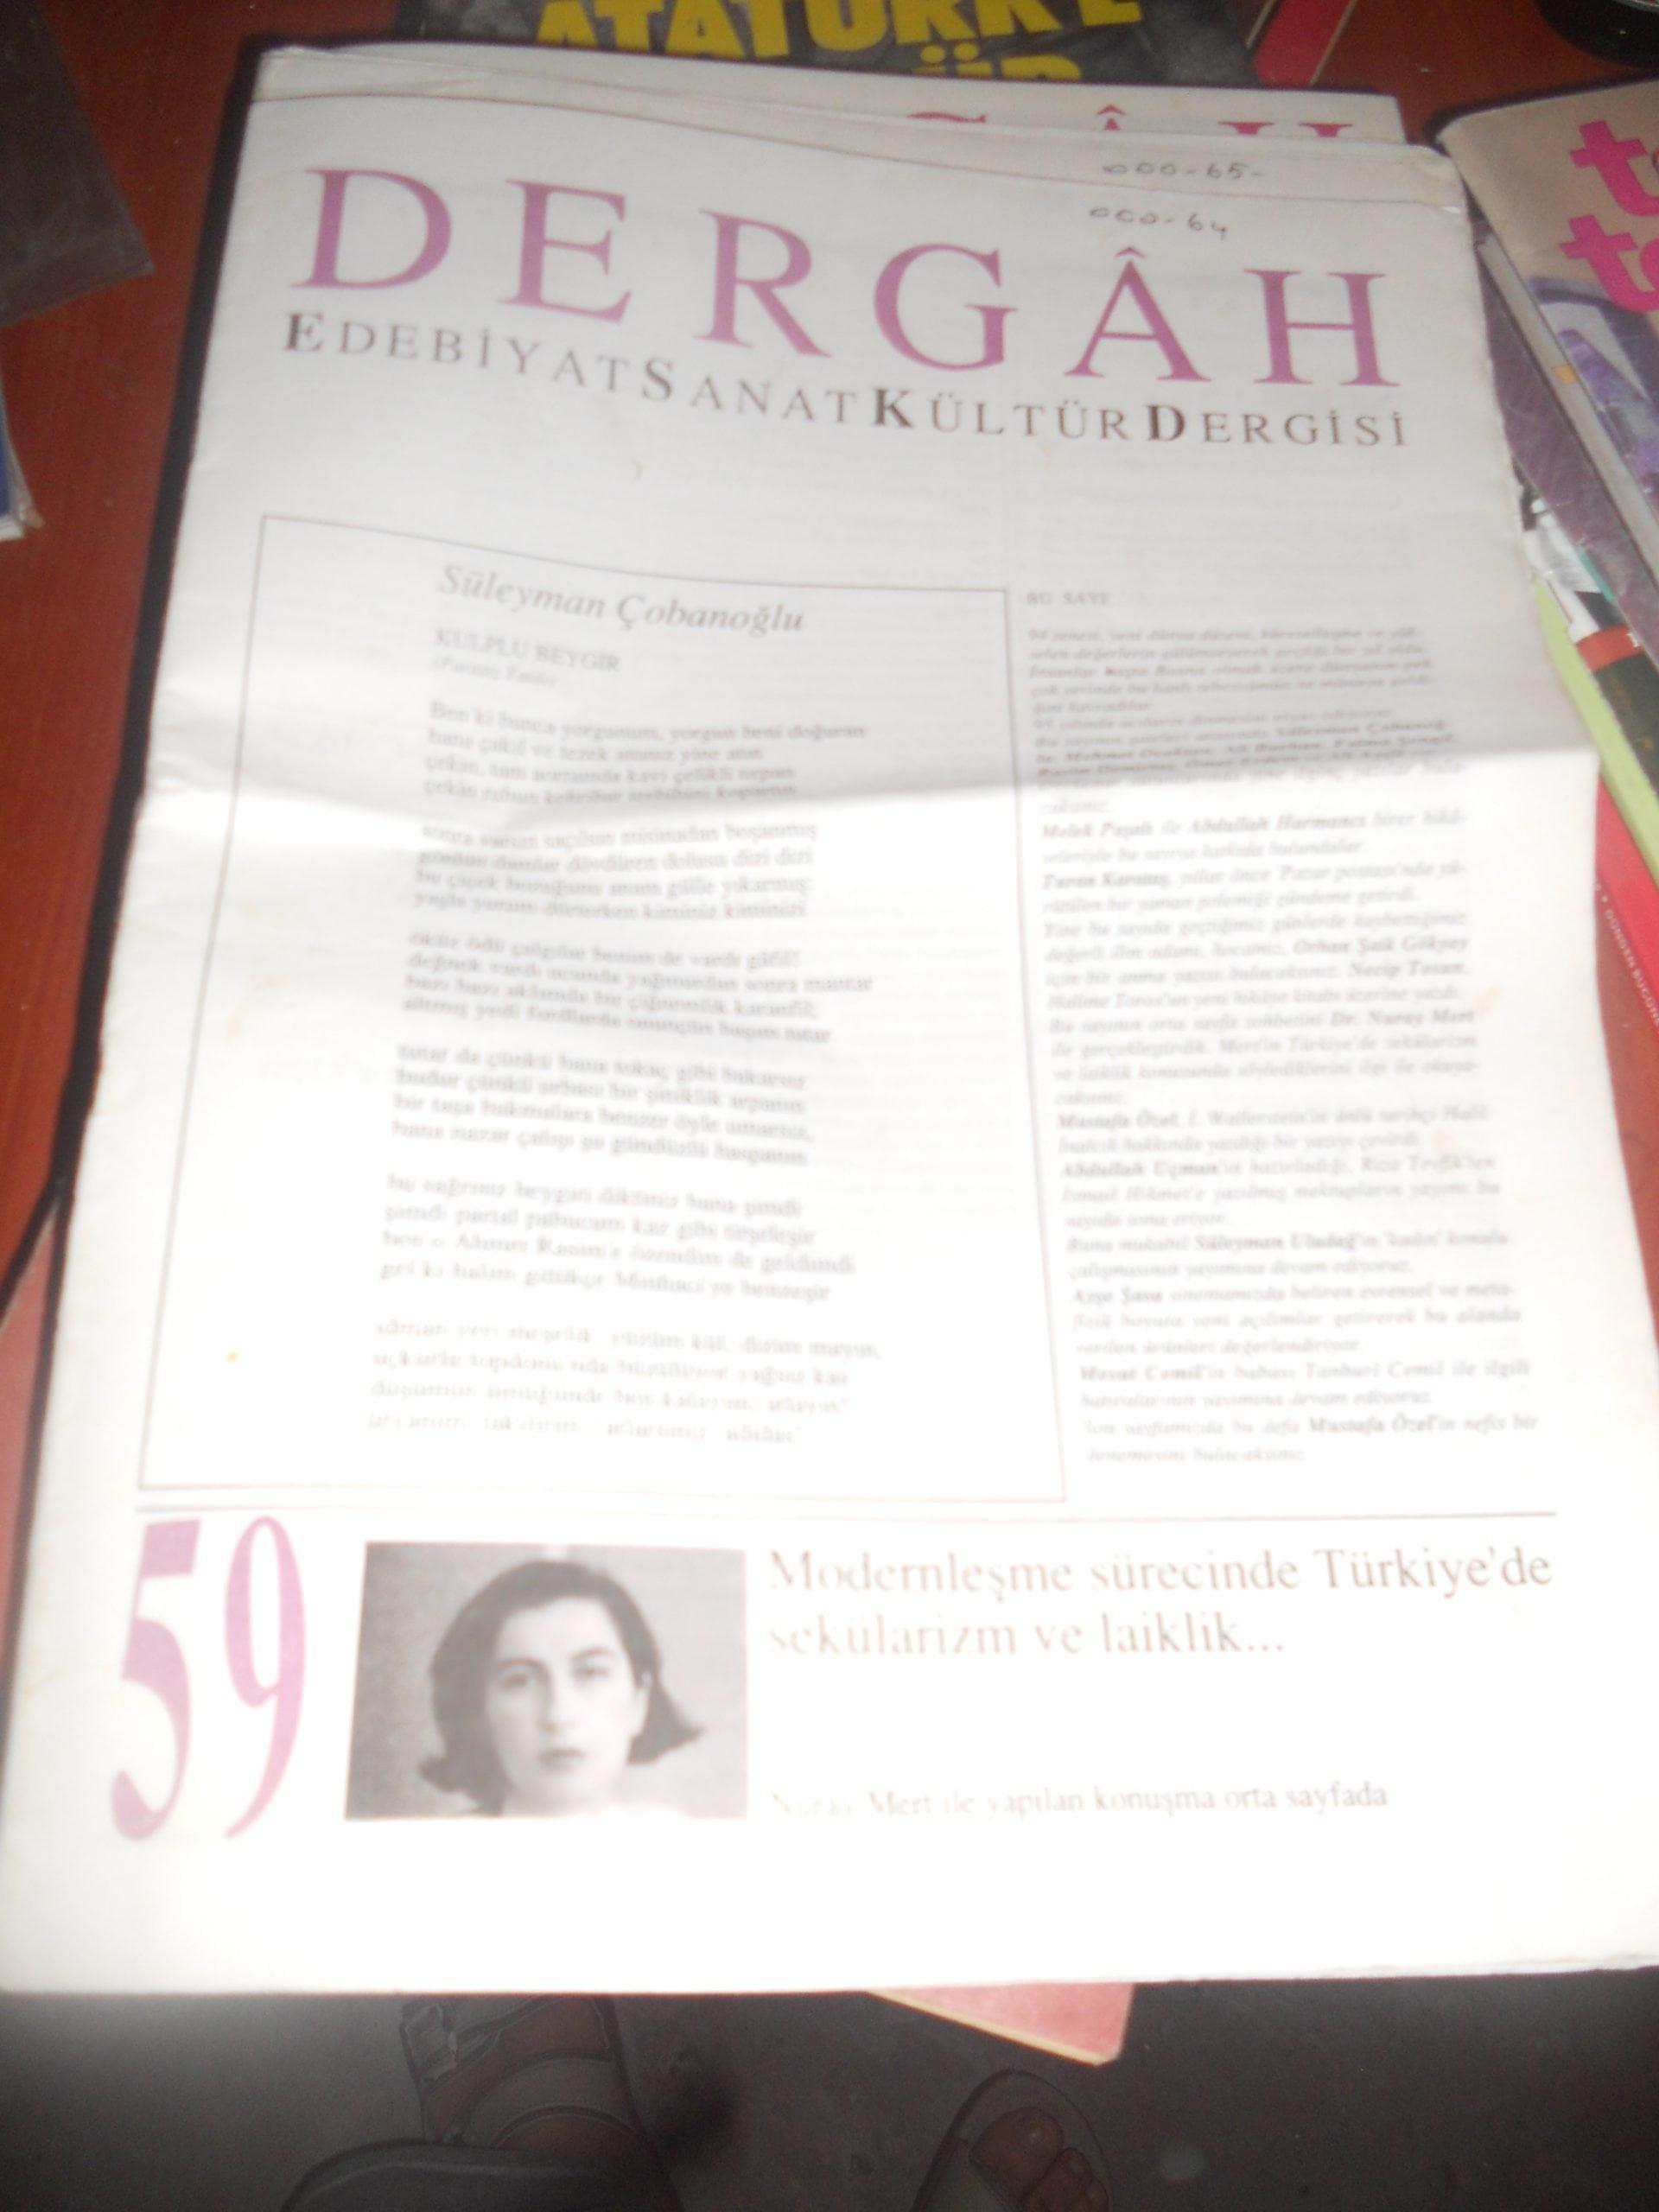 DERGAH-Edebiyat derg/ 3 adet/ 10 tl